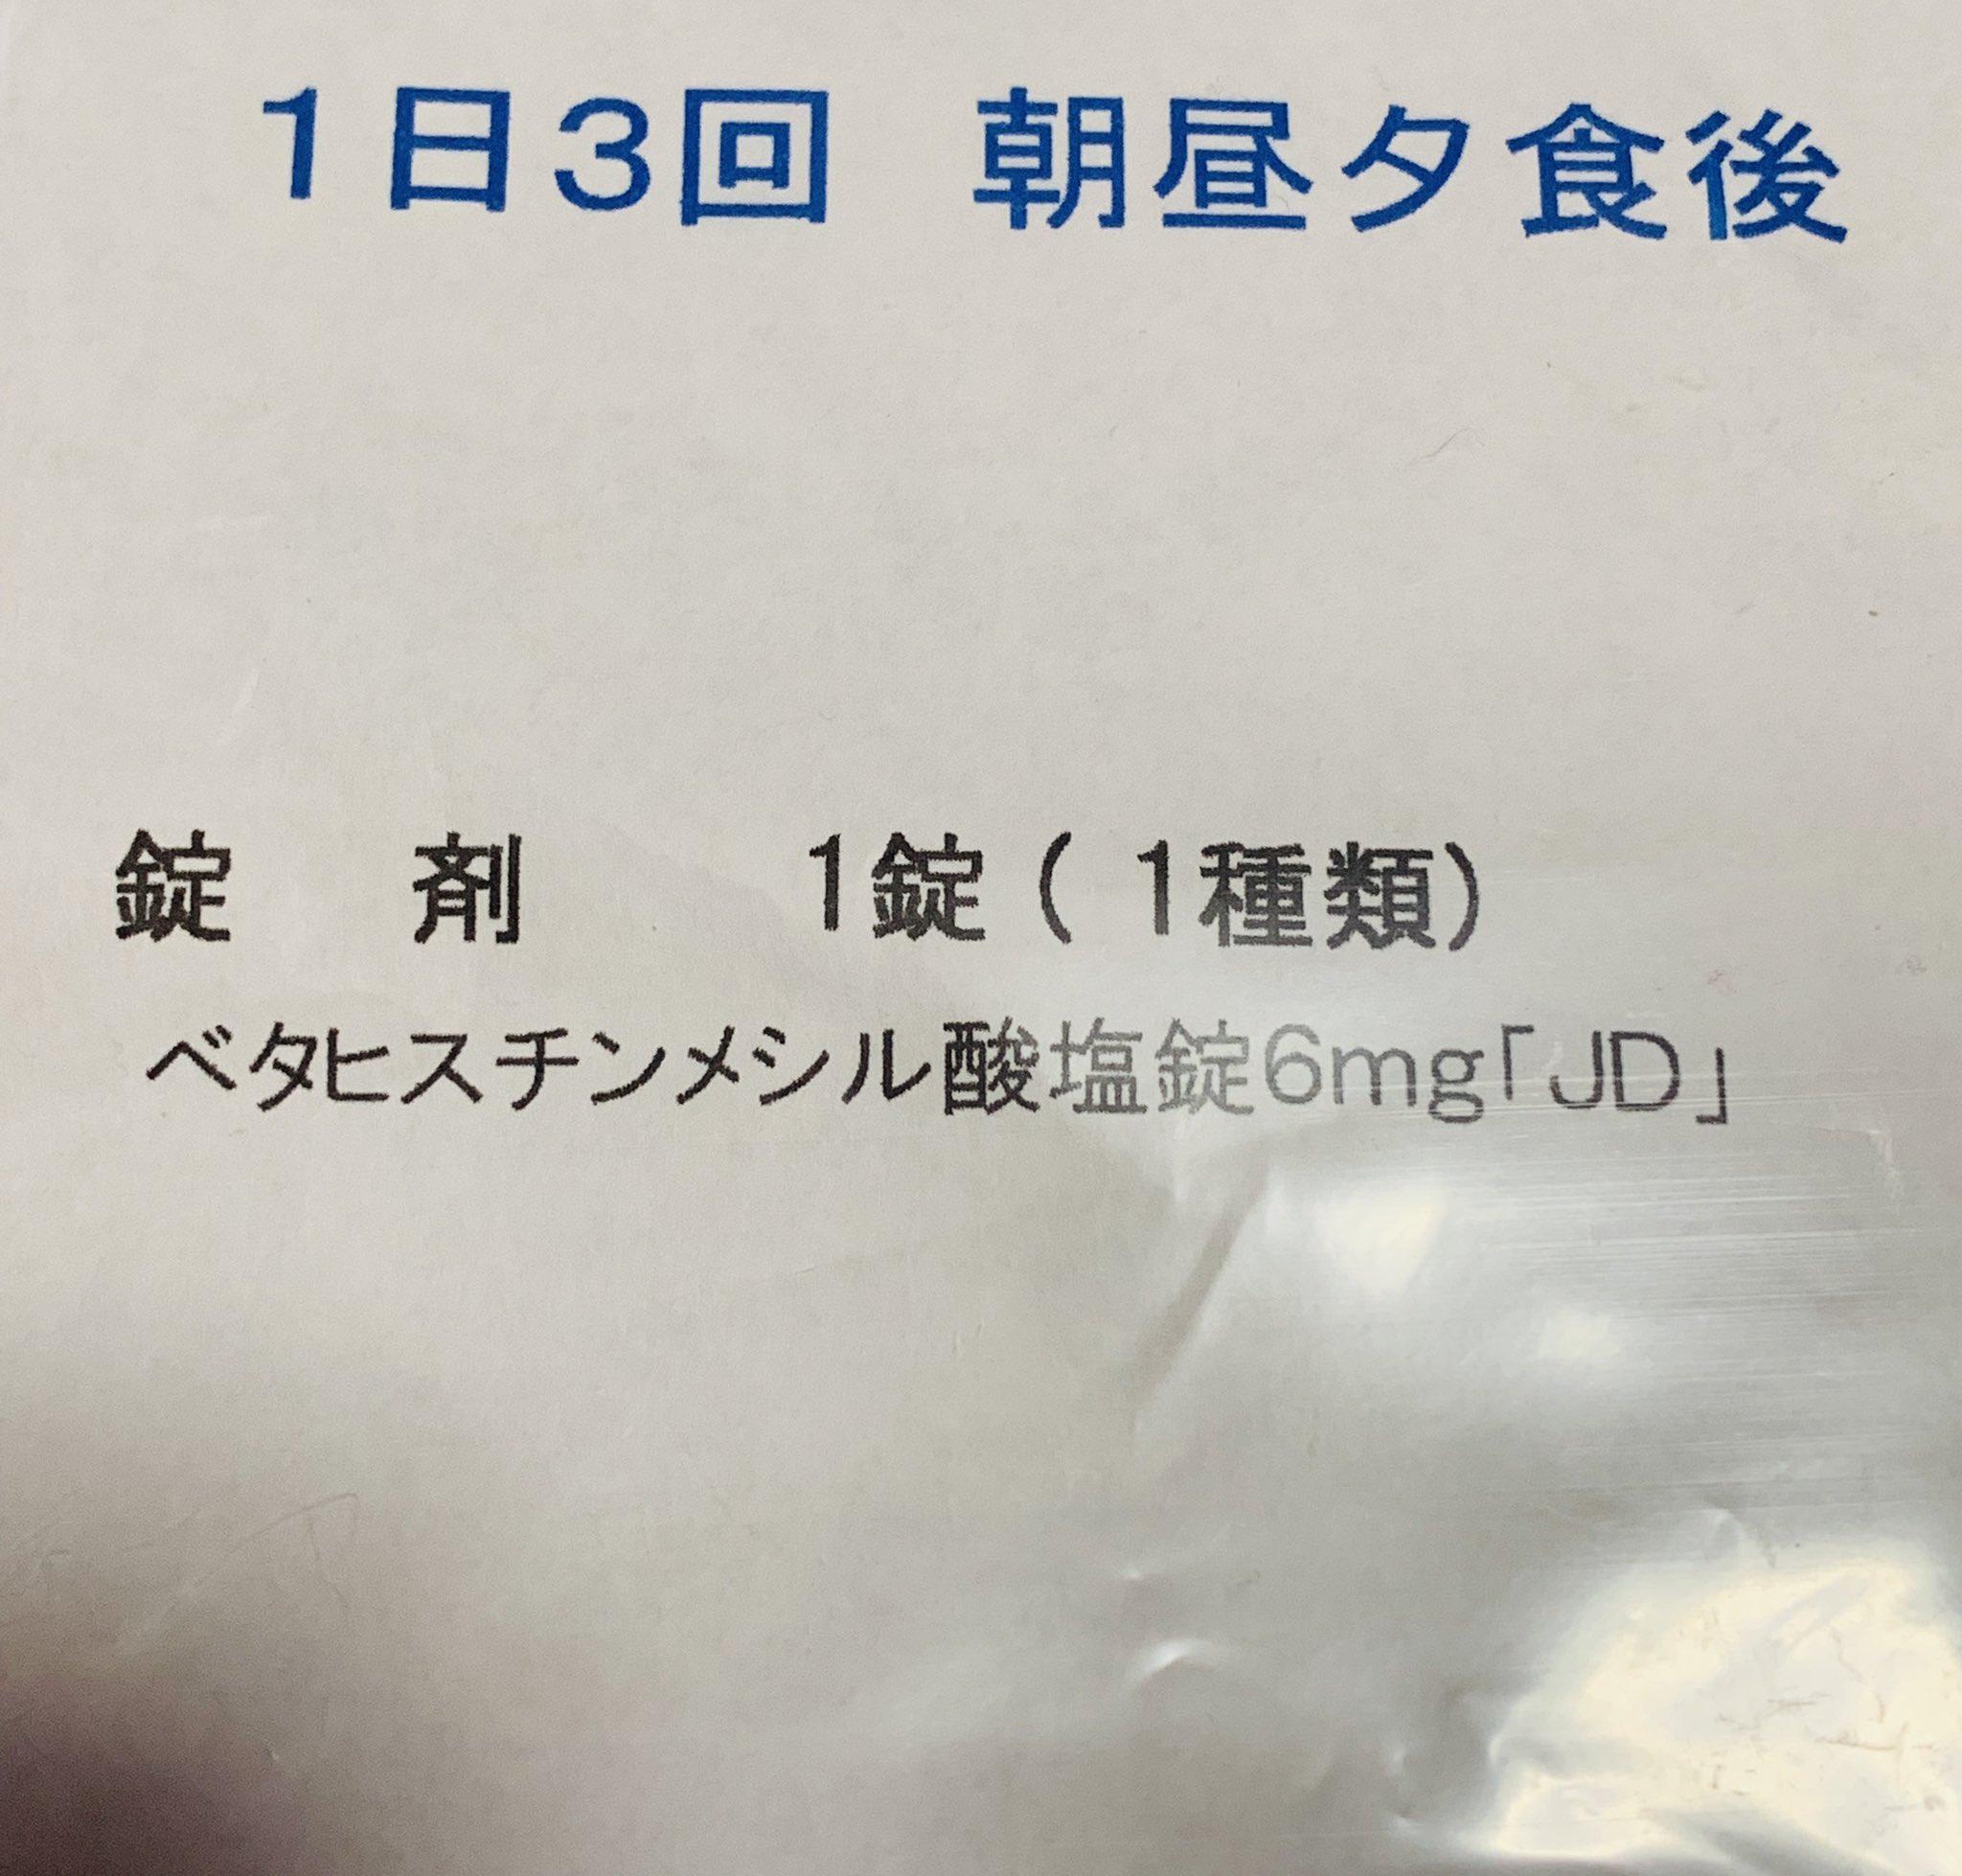 メシル ベタ ヒス 錠 jd 6mg 酸 チン 塩